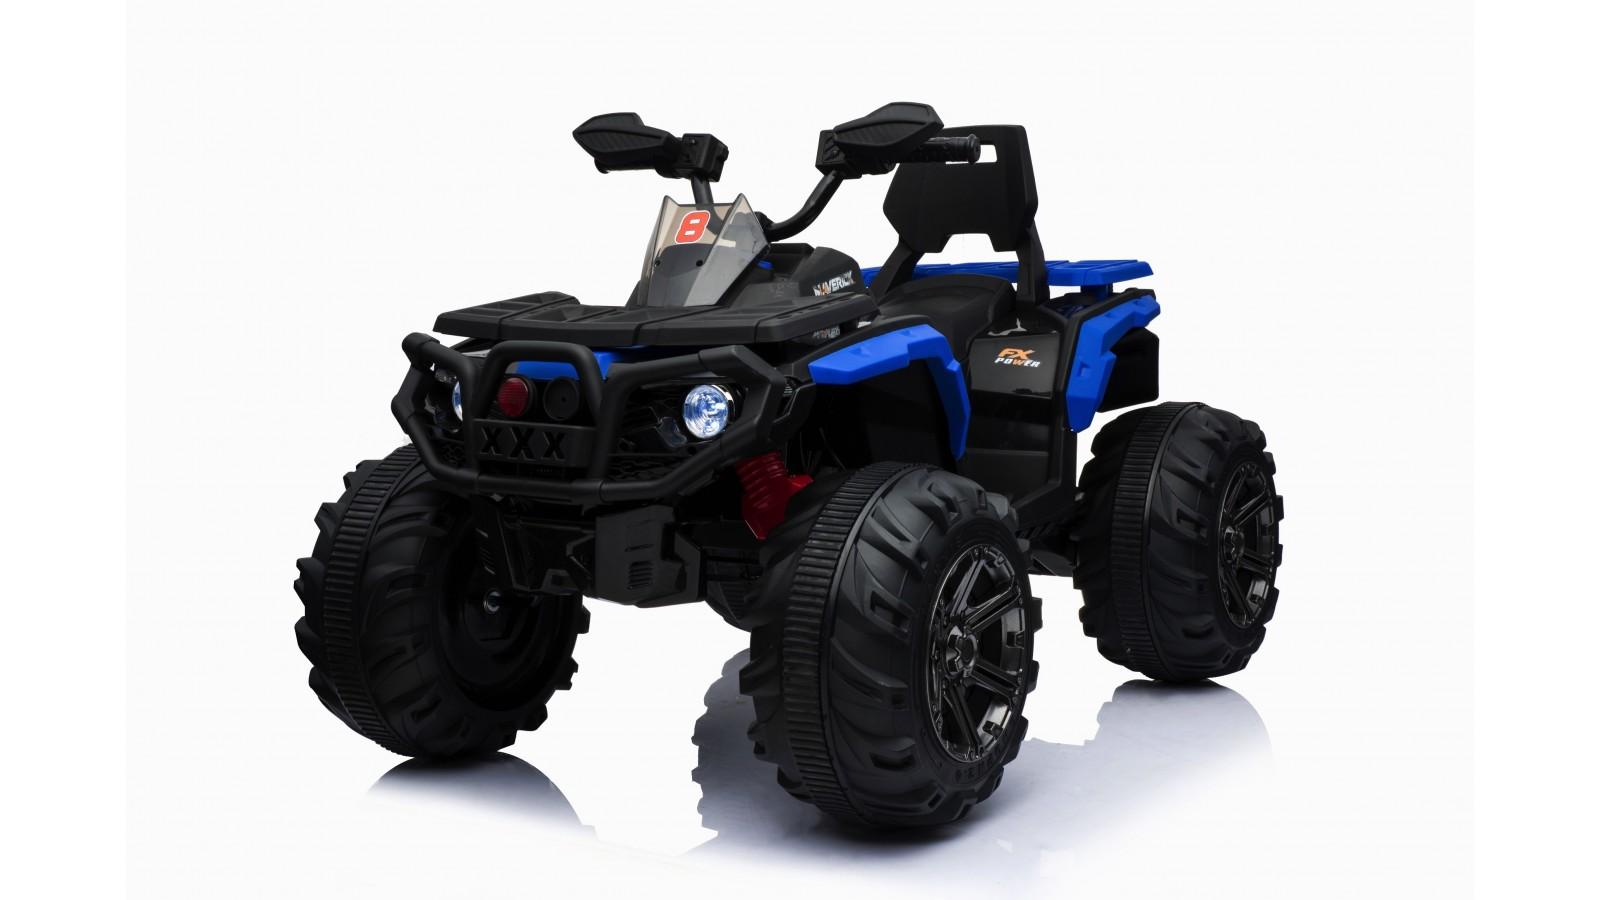 Super Quad elettrico Maverick per Bambini 12V doppio motore Full optional con Ammortozzatori Bianco Nero/Blue